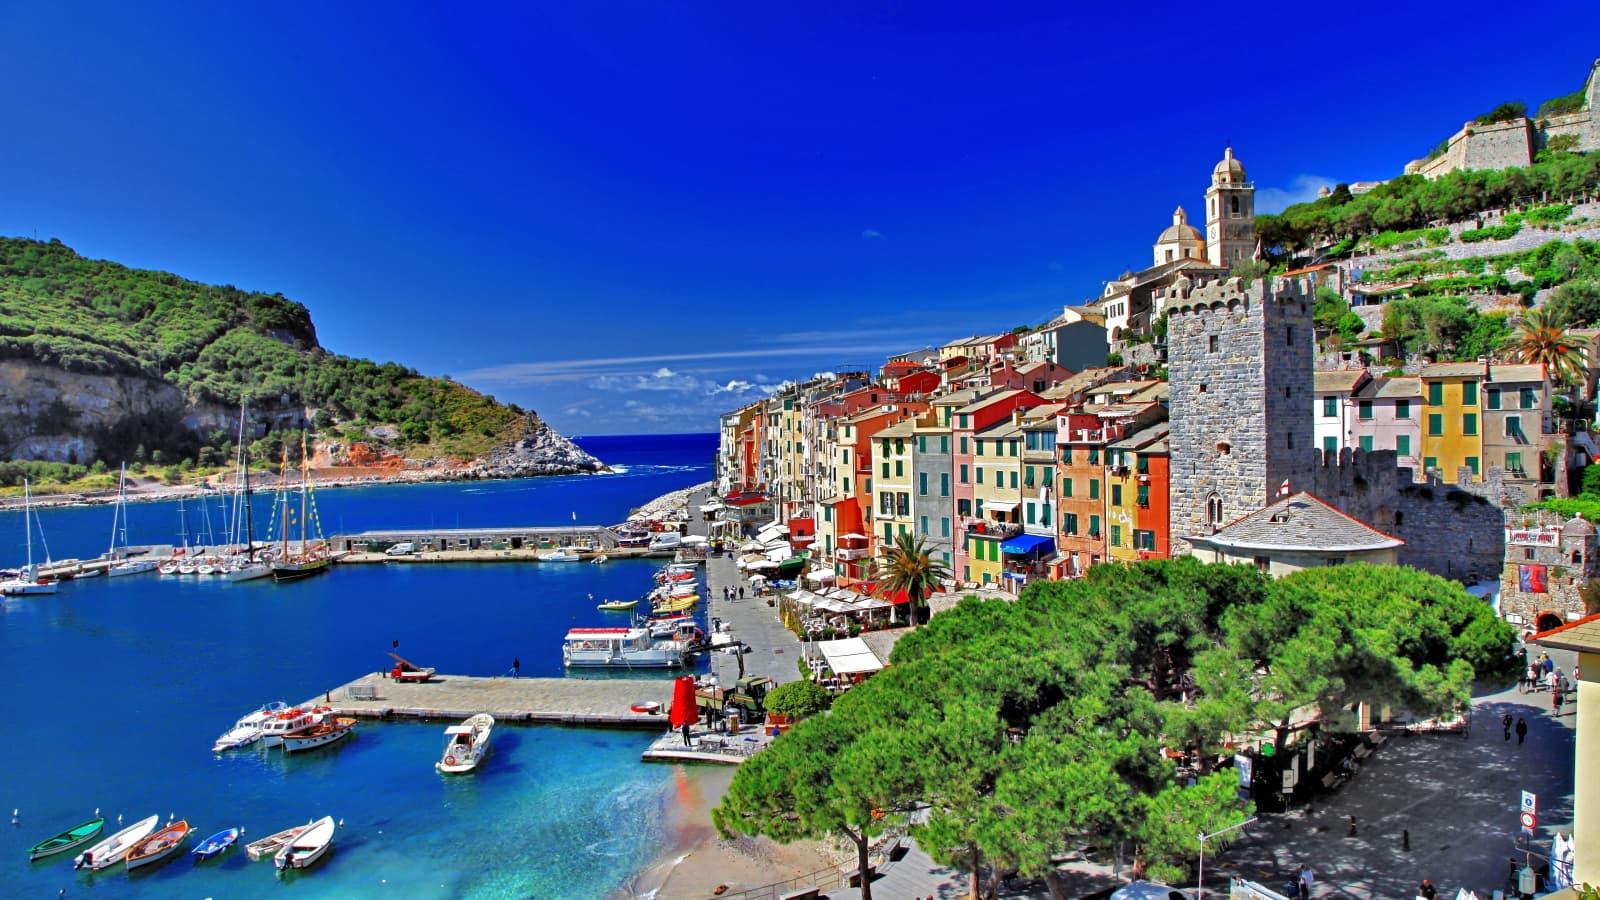 Gulf of la spezia holidays la spezia and portovenere for Hotel liguria milano